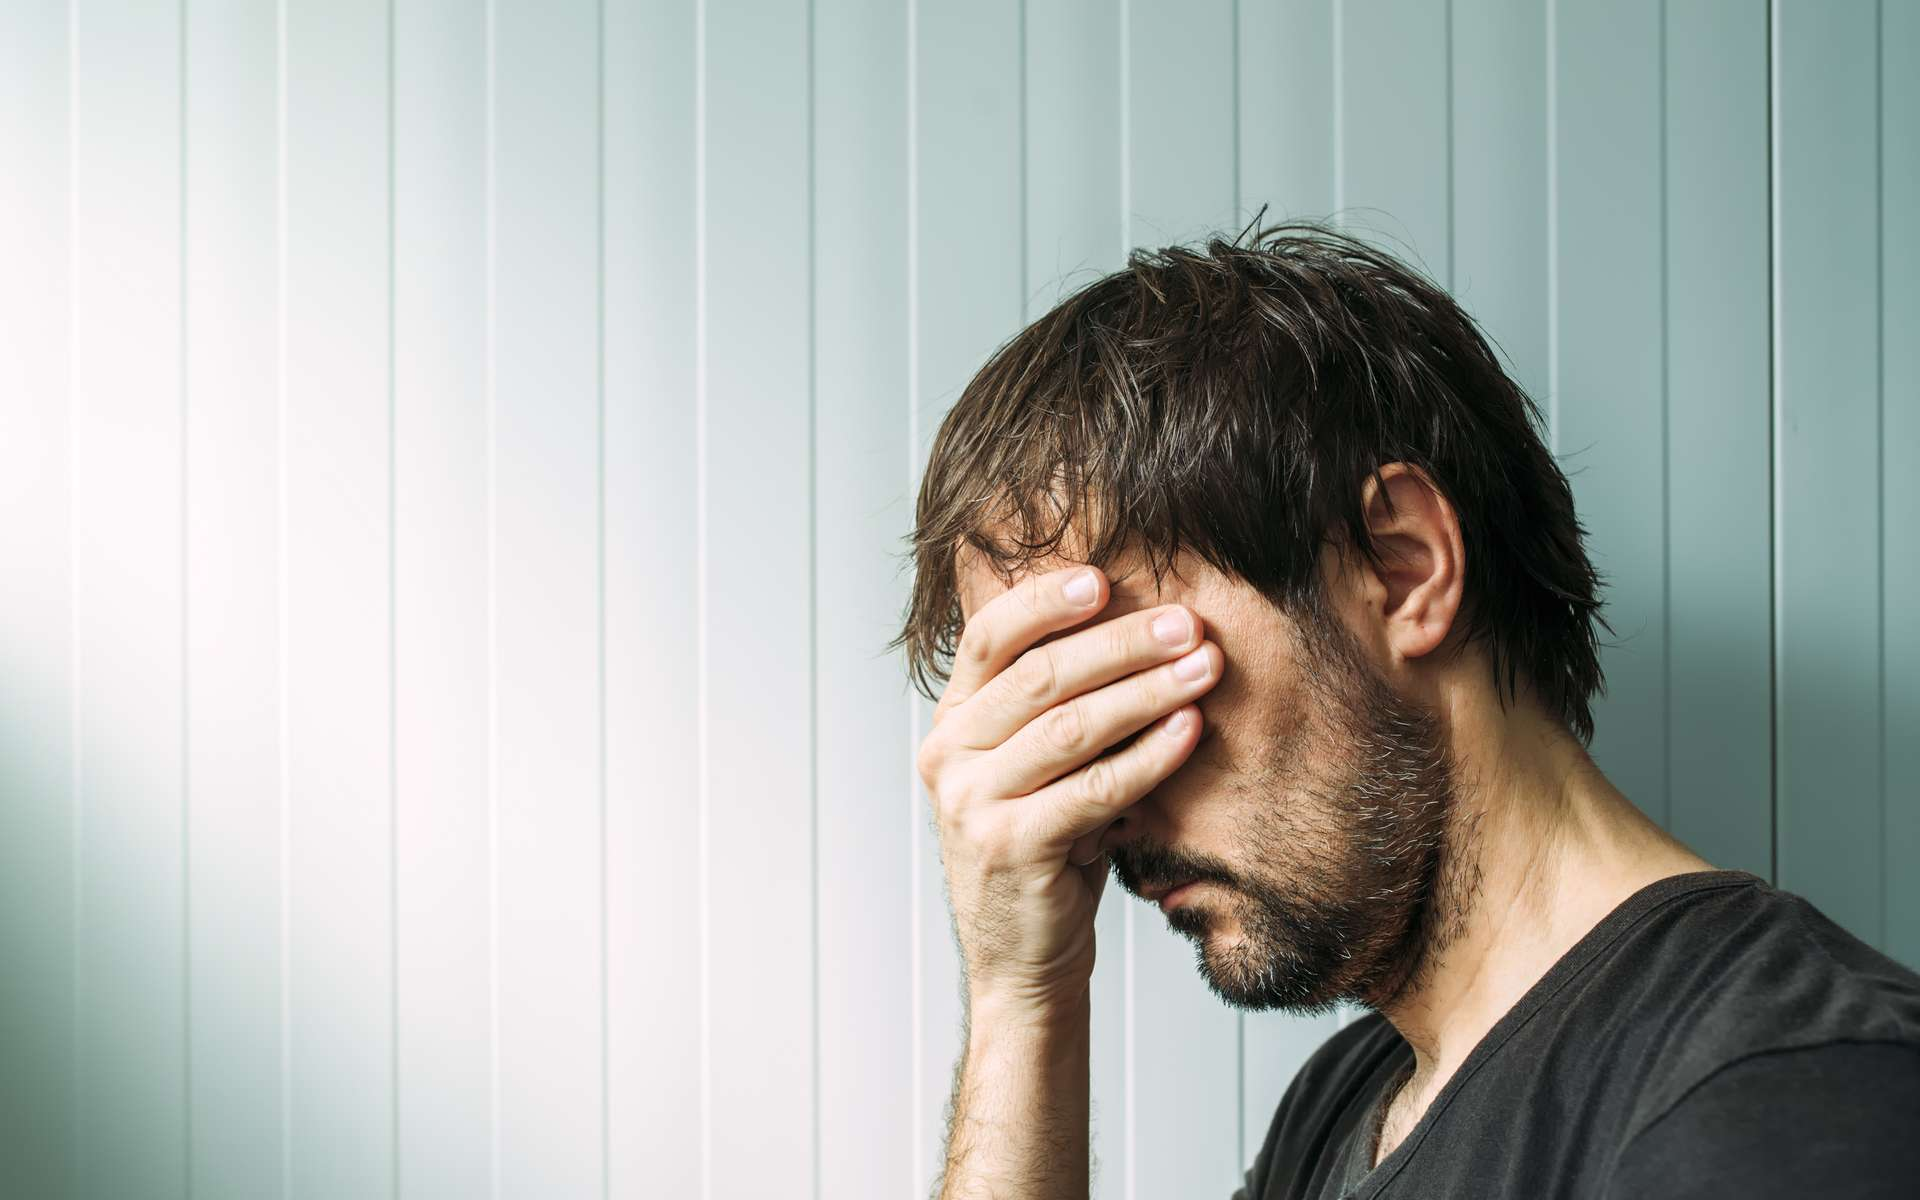 Dépression : la norme de masculinité aurait tendance à l'aggraver. © Bits and Splits, Adobe Stock